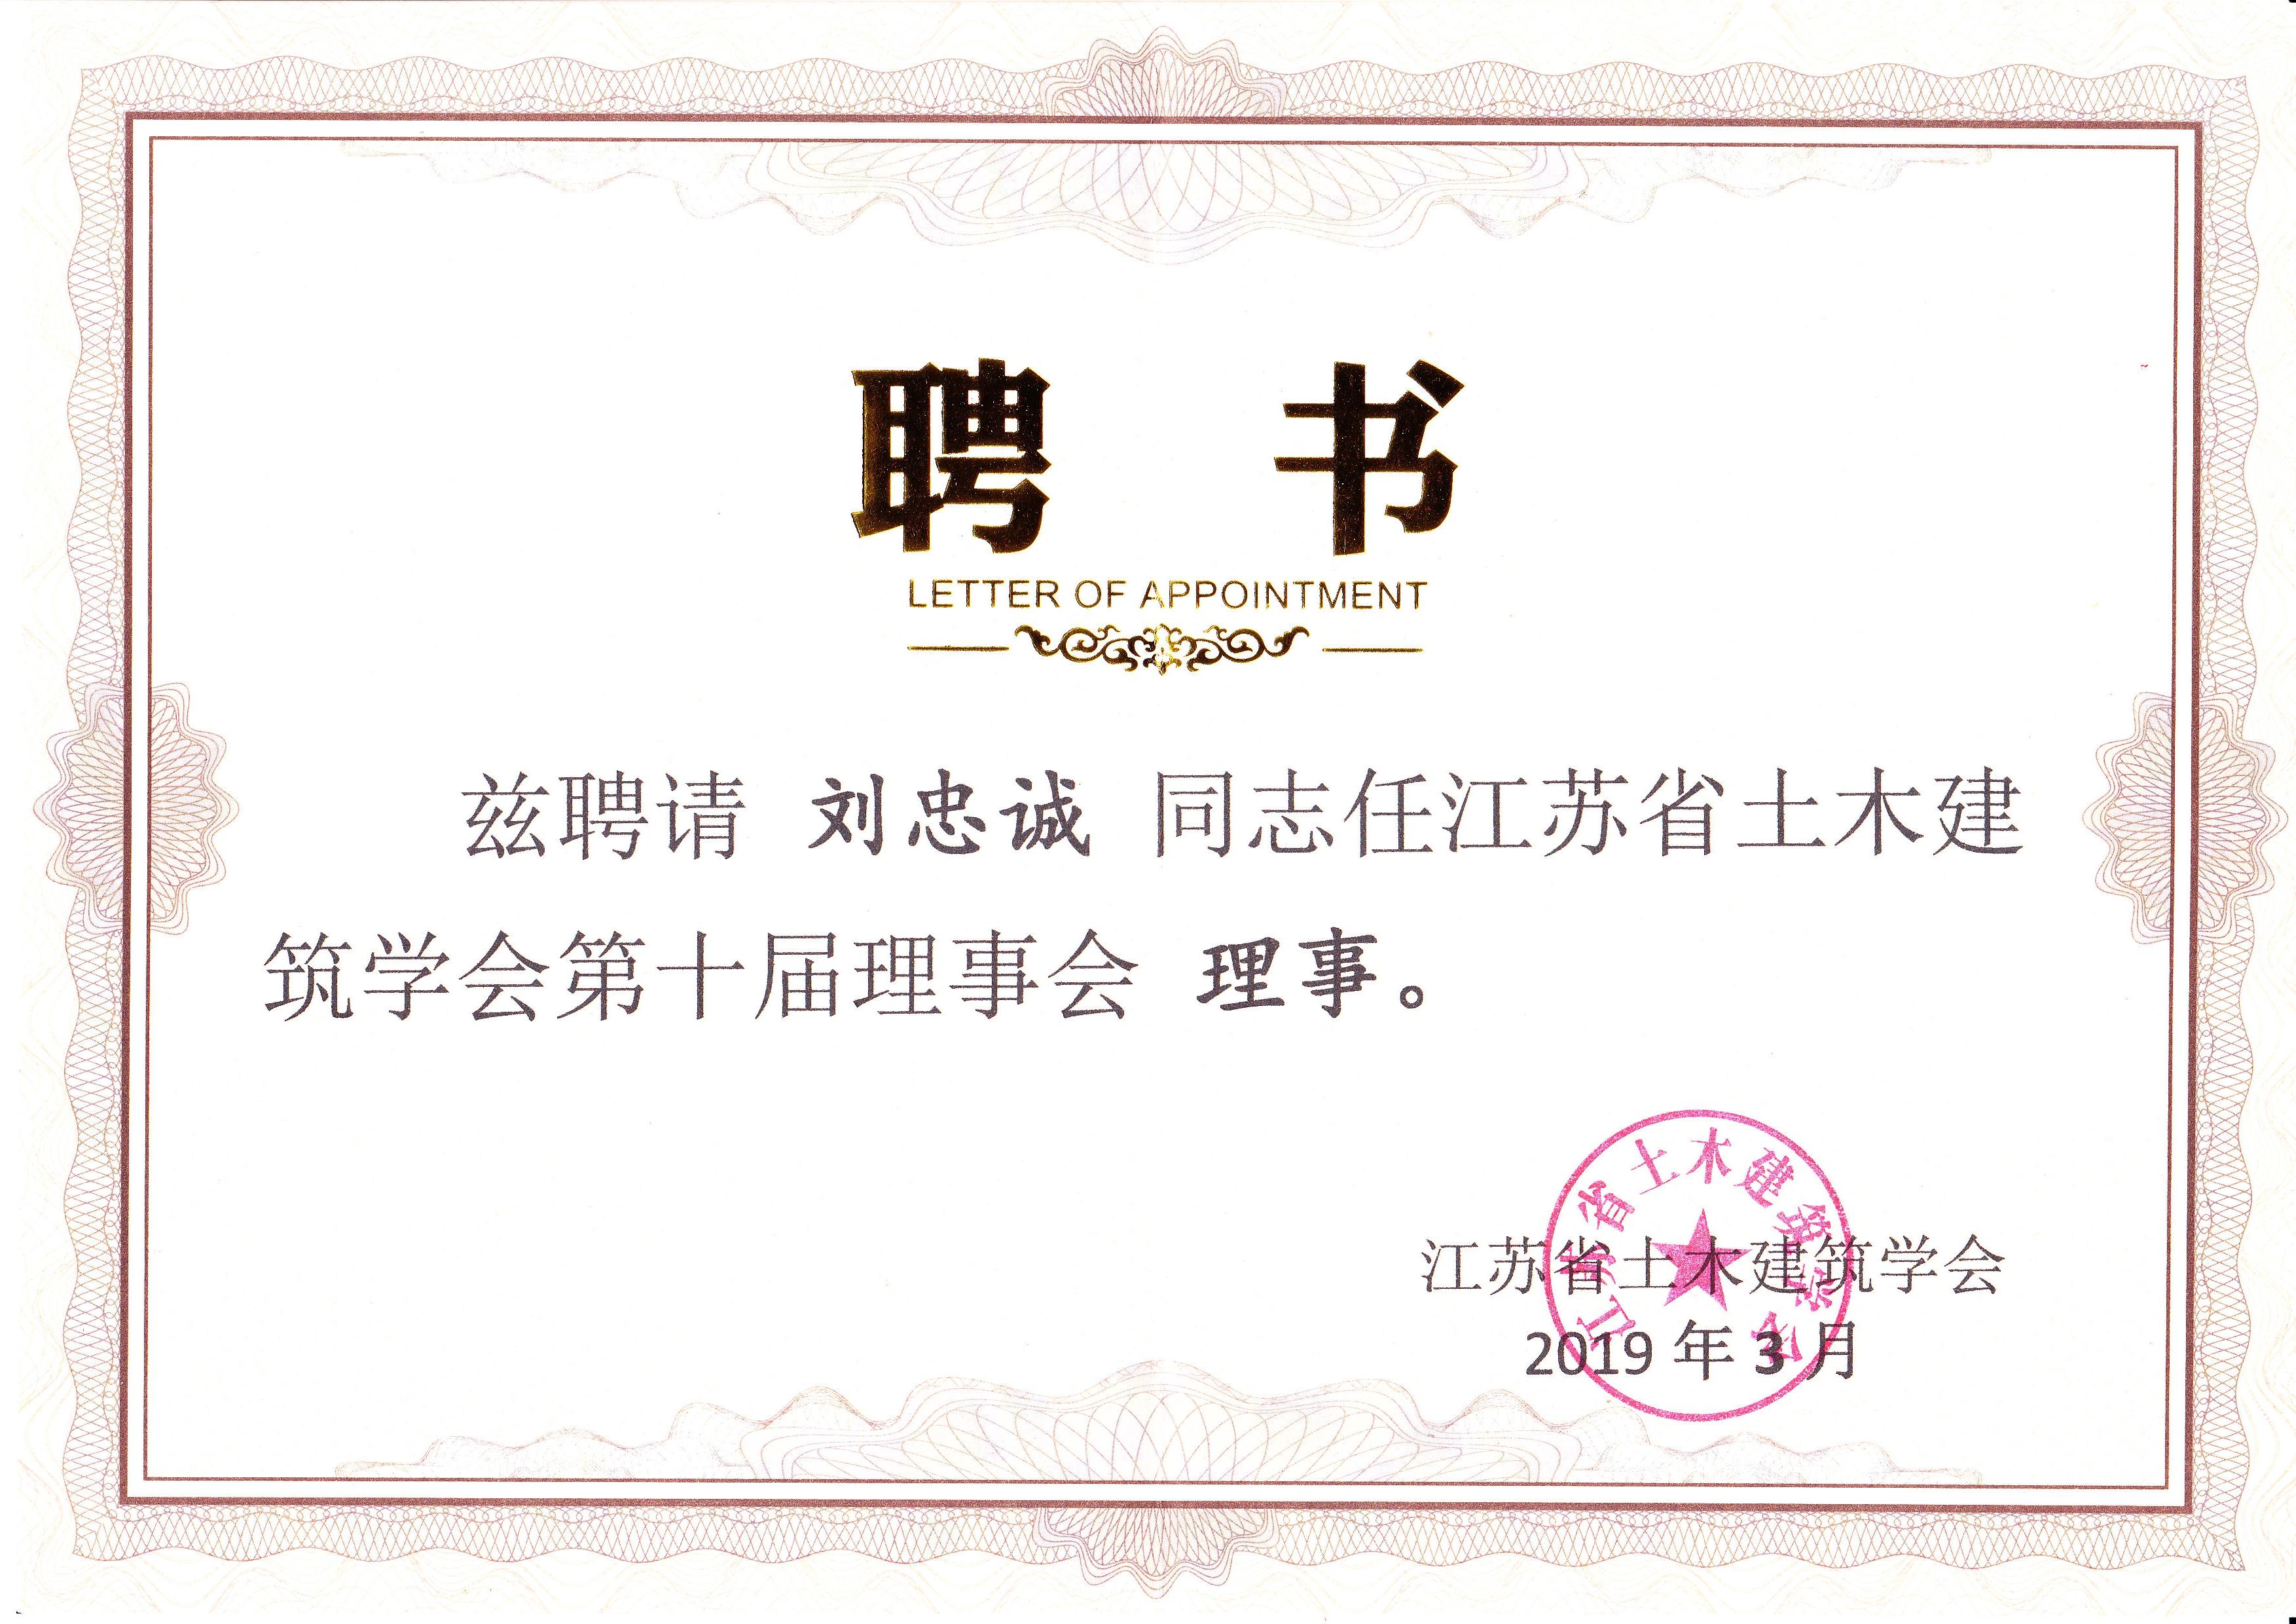 董事长刘忠诚先生当选为江苏省土木建筑学会第十届理事会理事